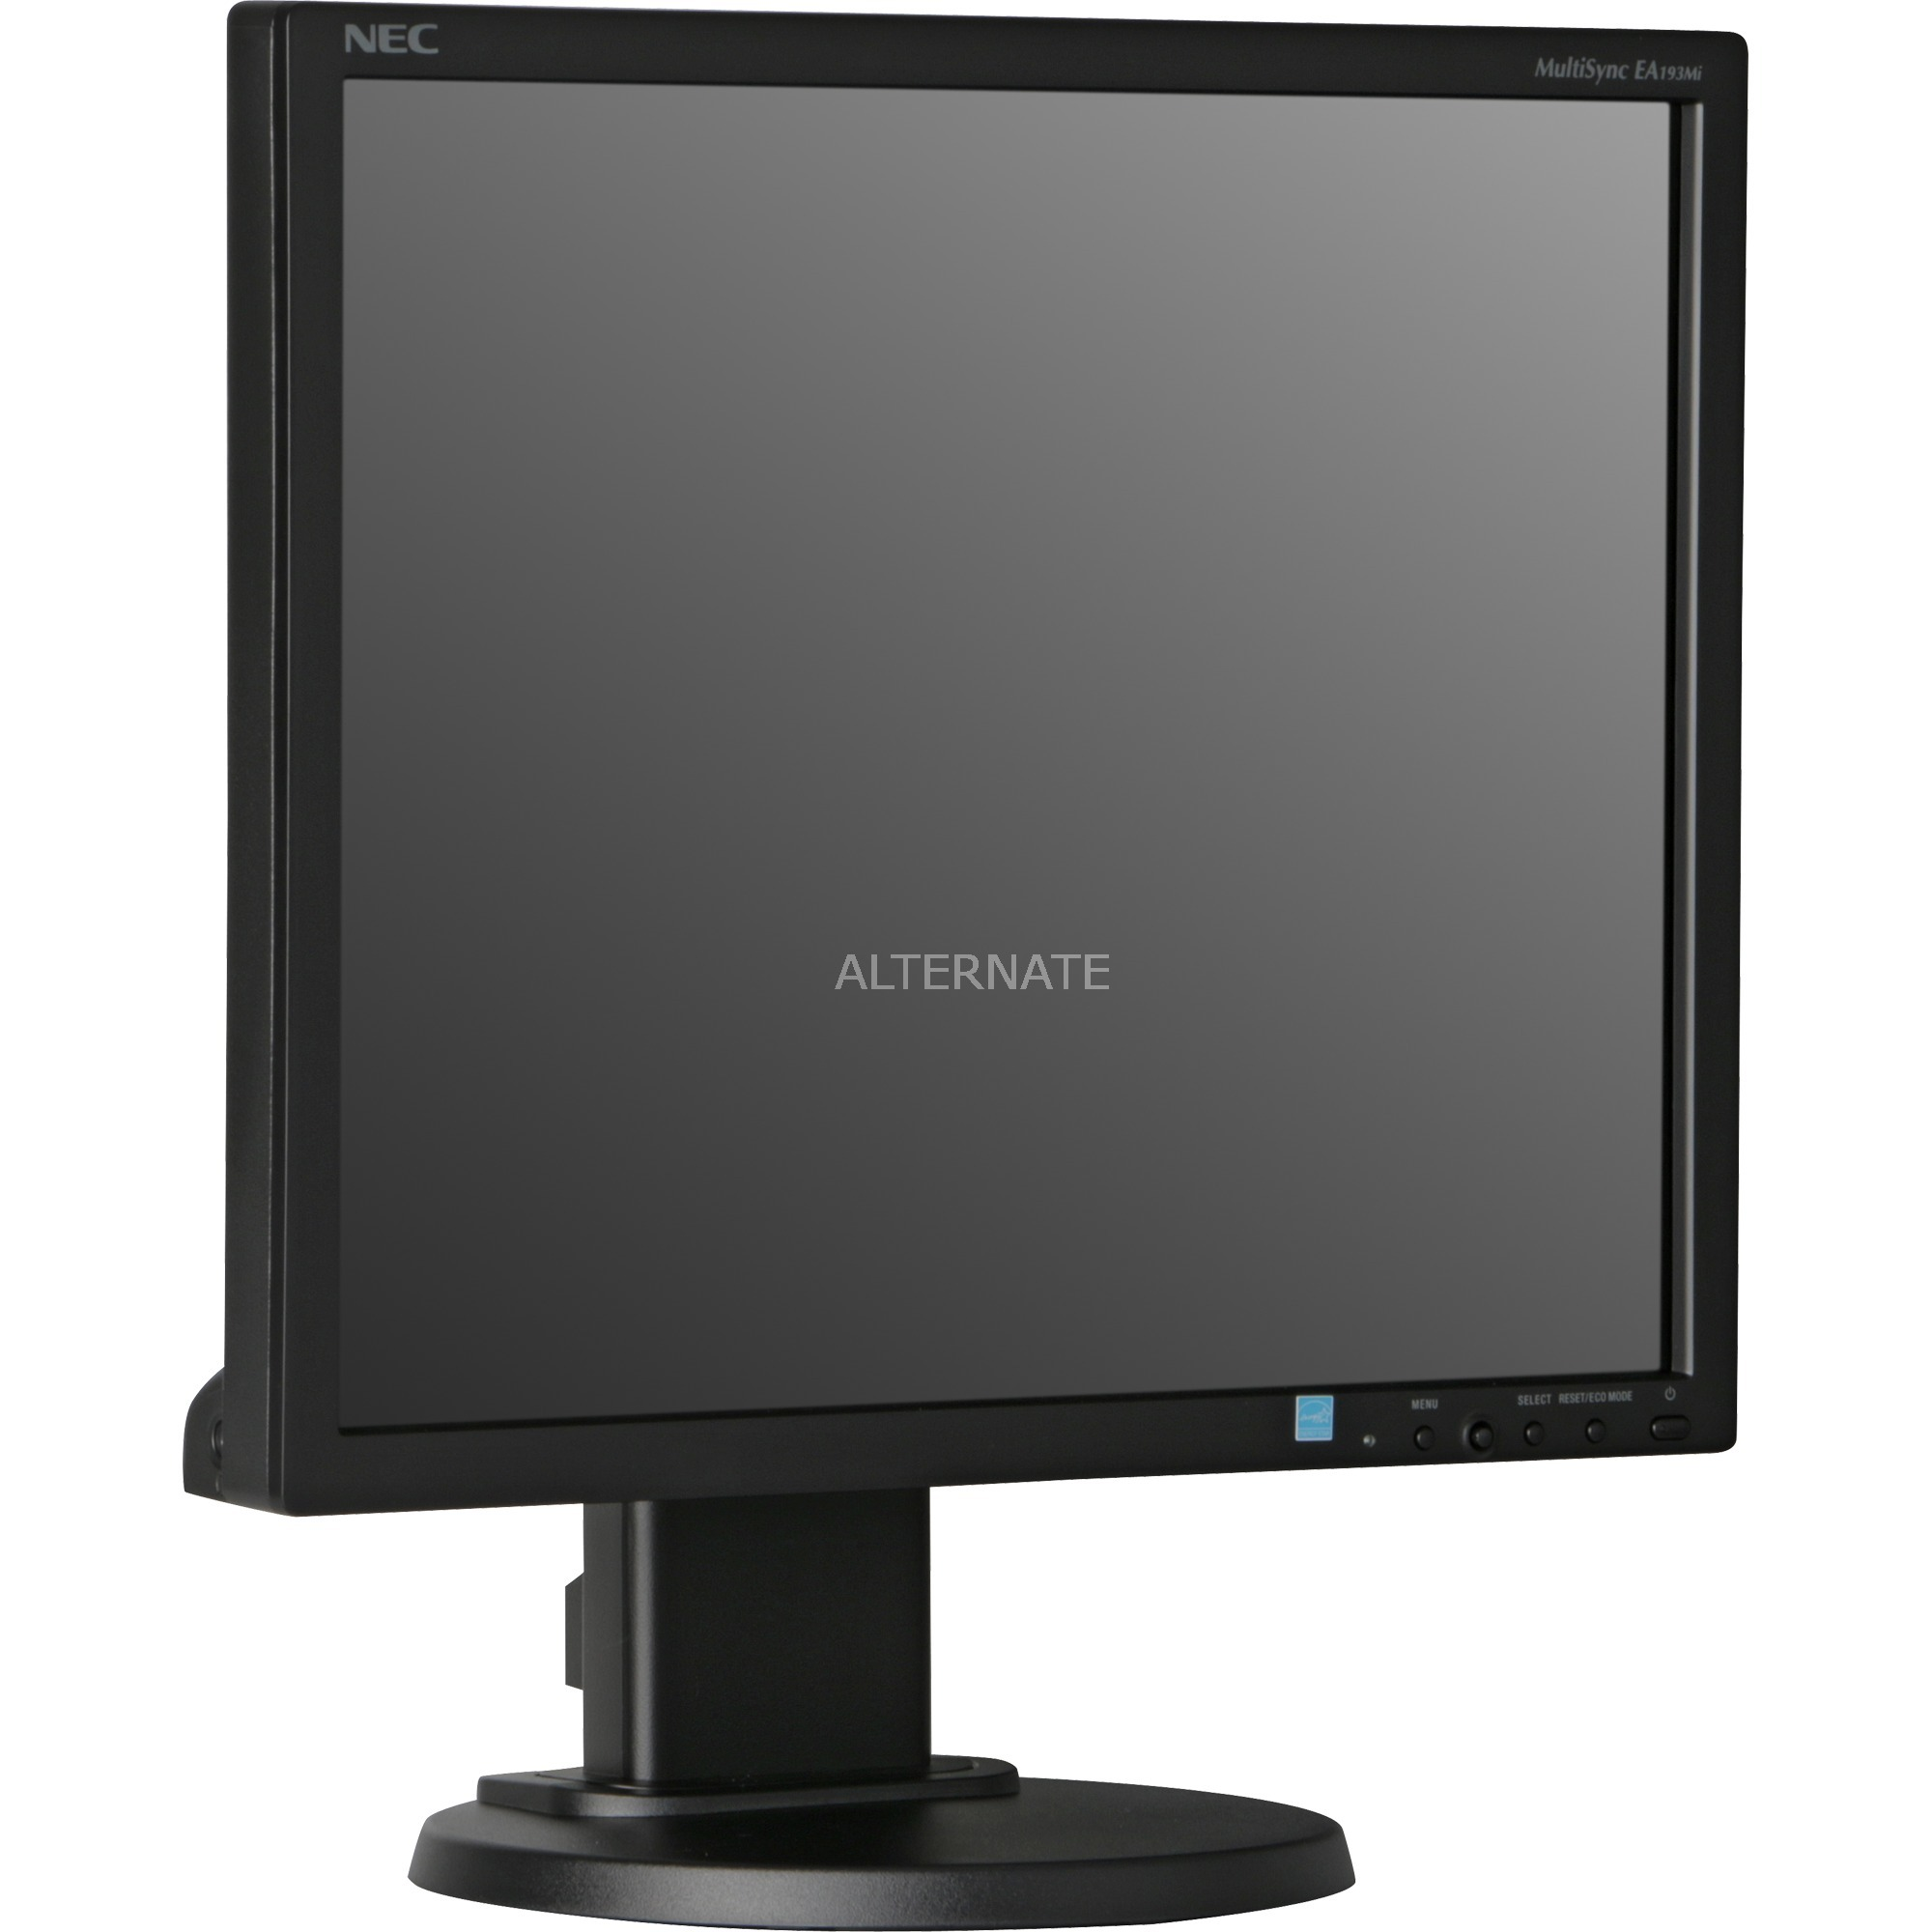 MultiSync EA193Mi 19